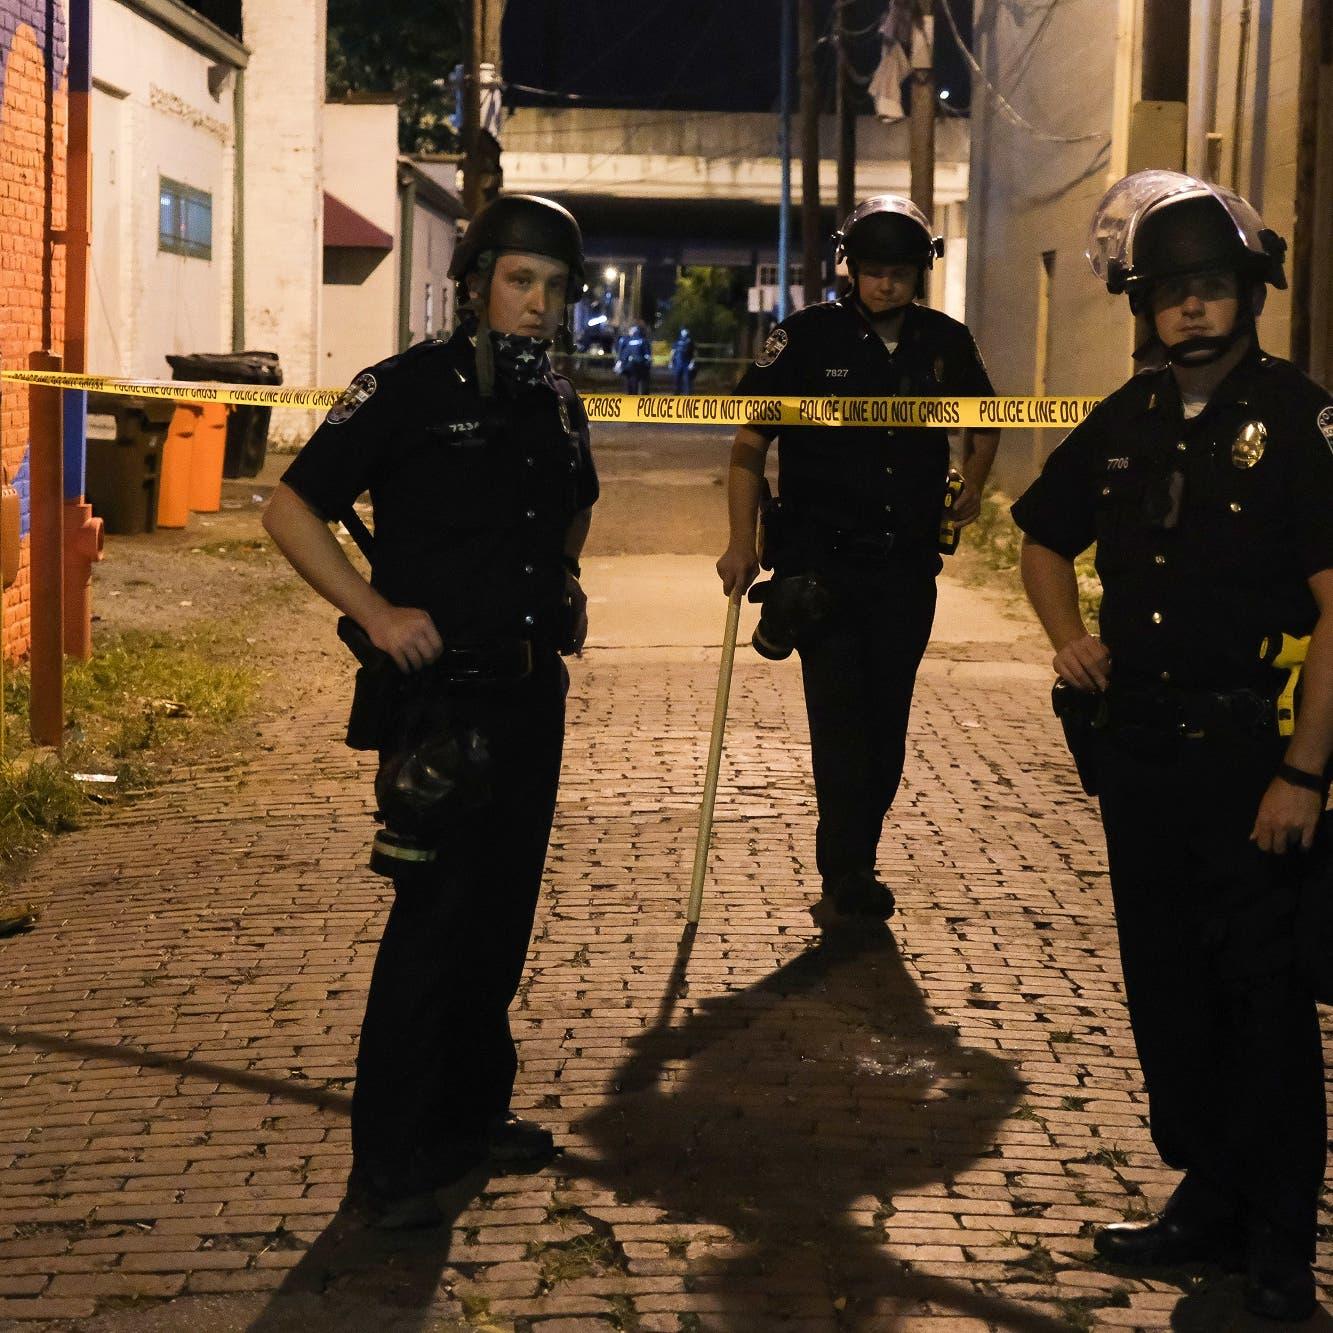 إصابة شرطيين أميركيين بالرصاص خلال احتجاجات في لويفيل